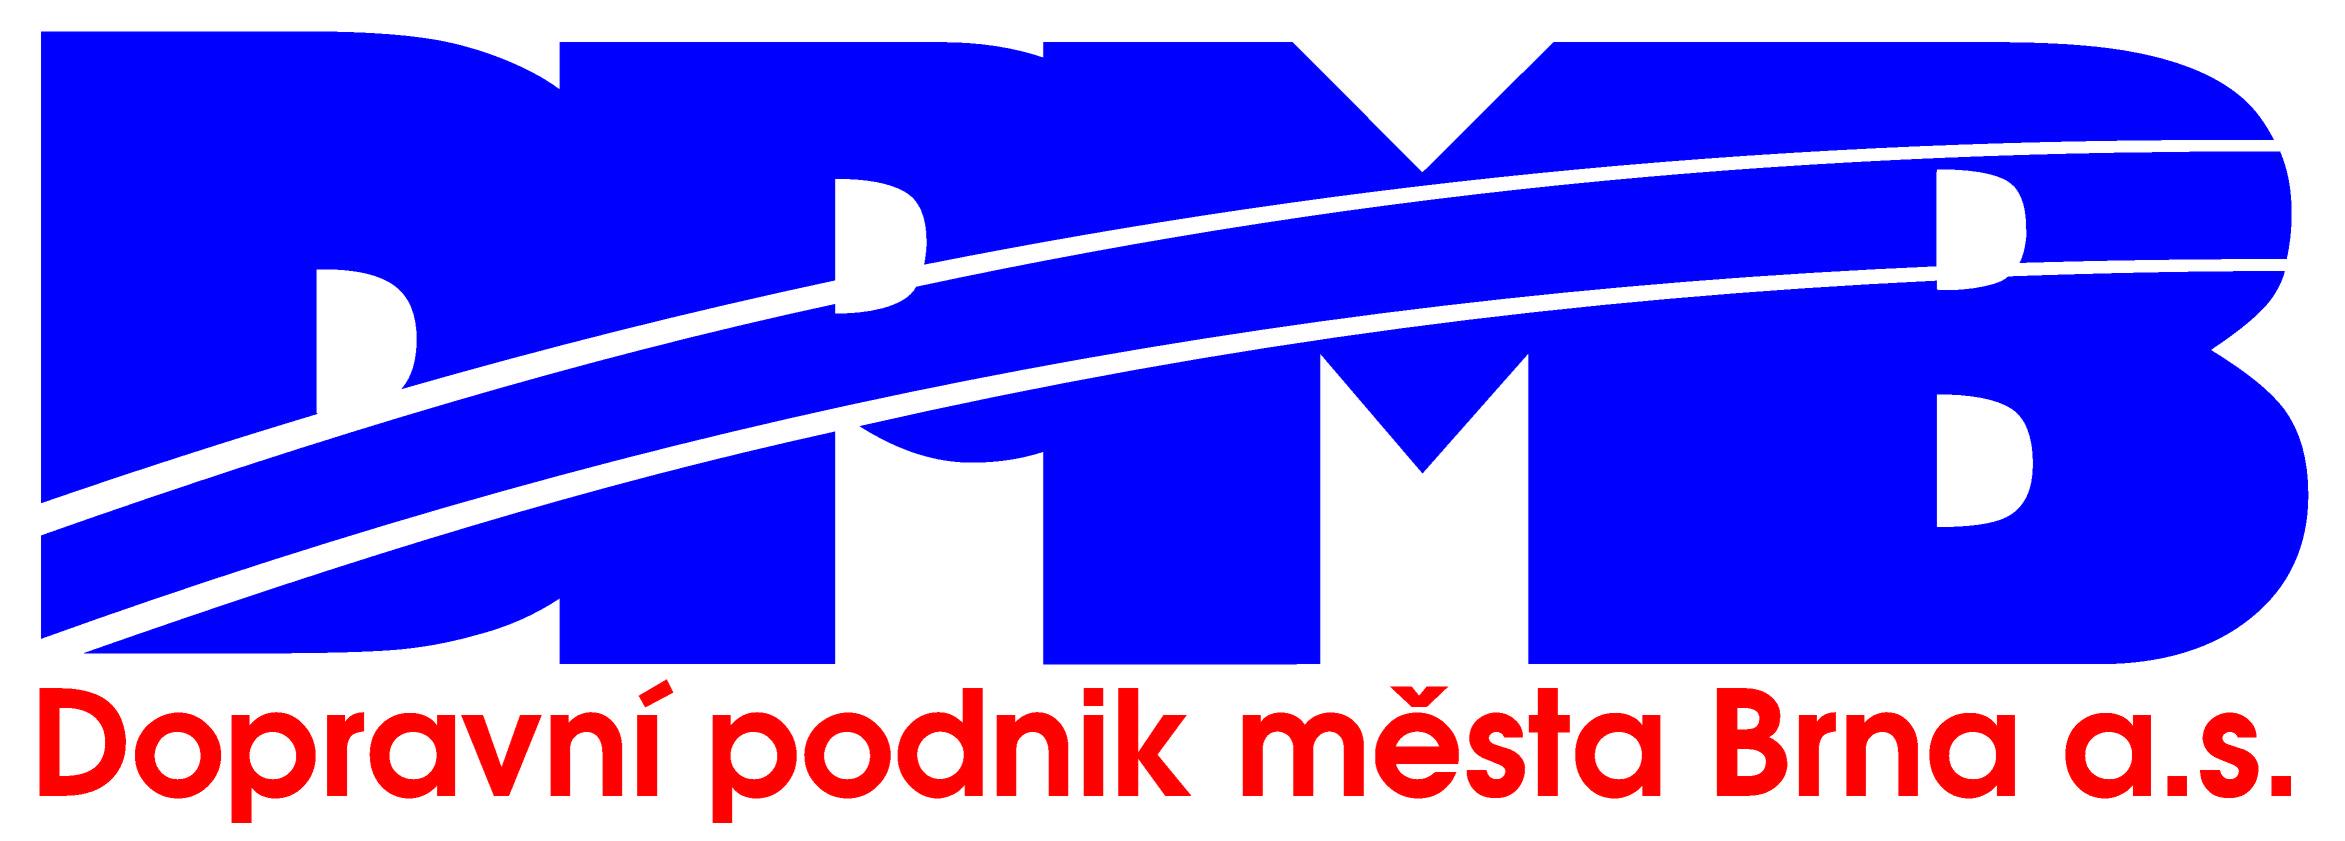 logo Dopravní podnik města Brna